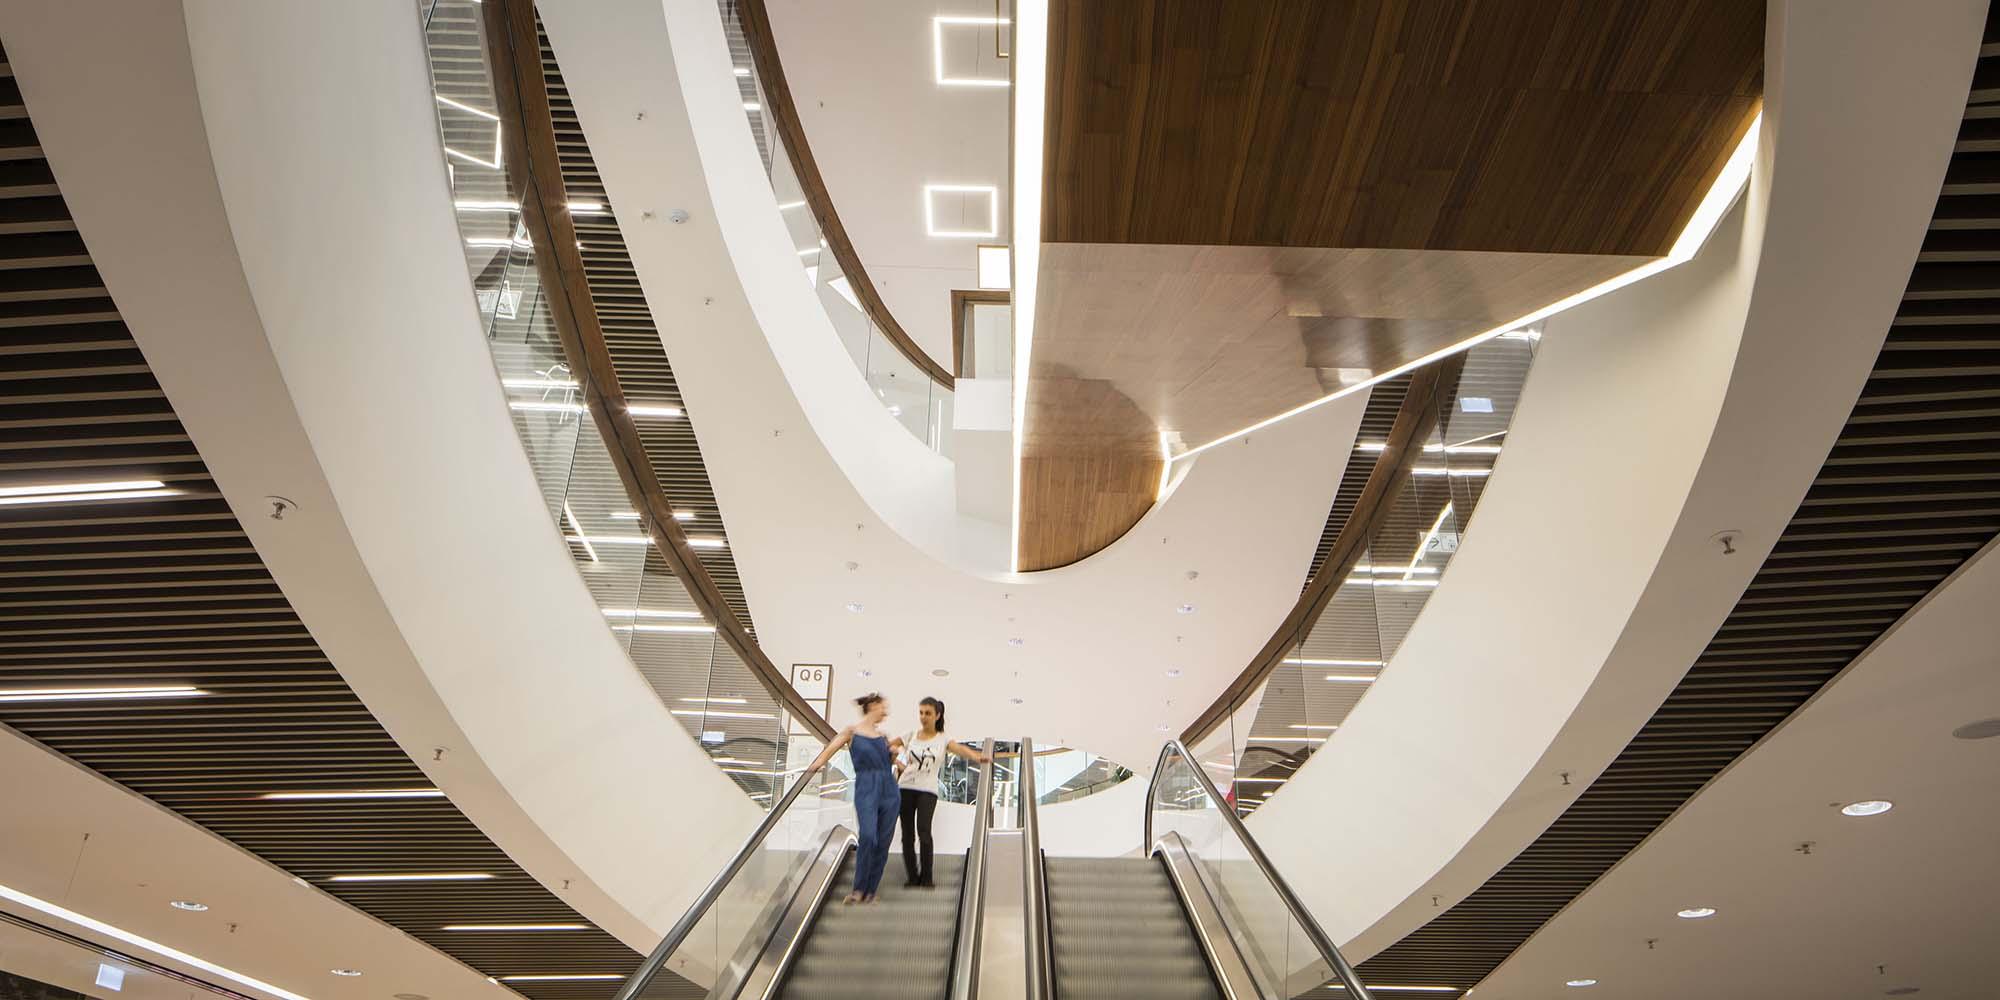 Architekturfoto: Retail - Blick auf eine Rolltreppe in shopping-mall mit zwei Kundinnen. Q6Q7 Mannheim